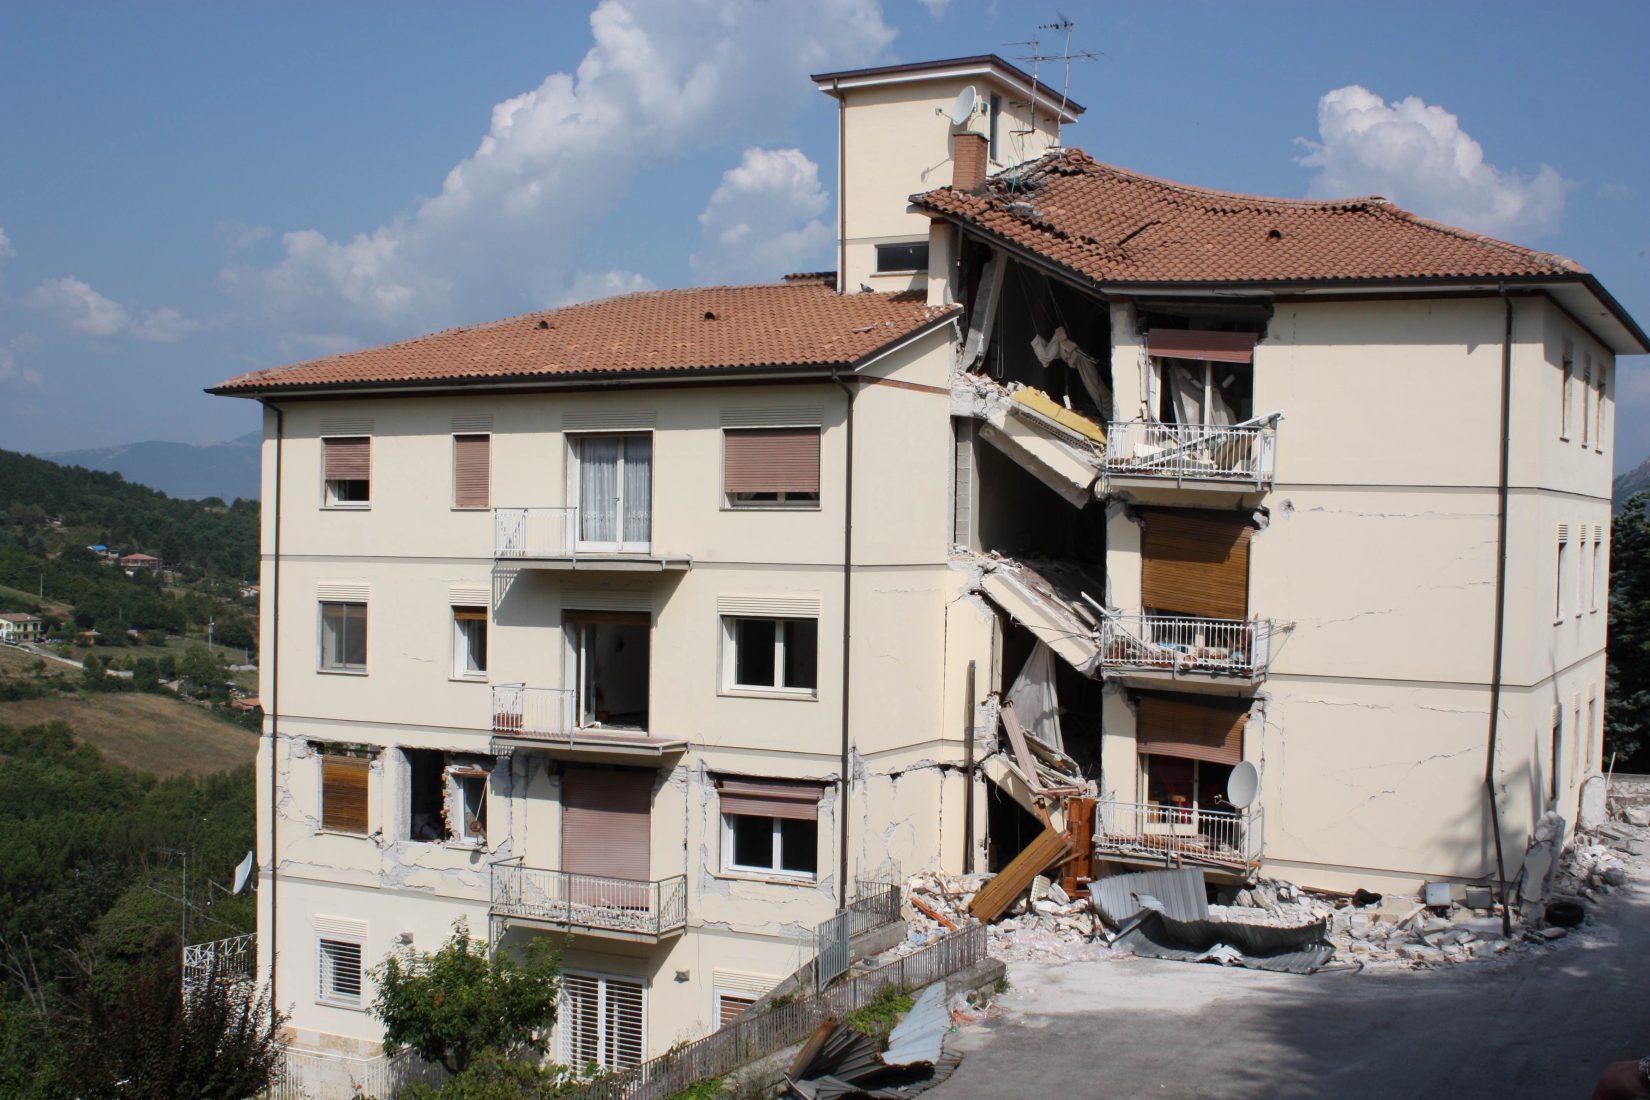 2010: Erdbebenschäden in der italienischen Region L`Aquila. Foto: Helga Dörk / www.pixelio.de